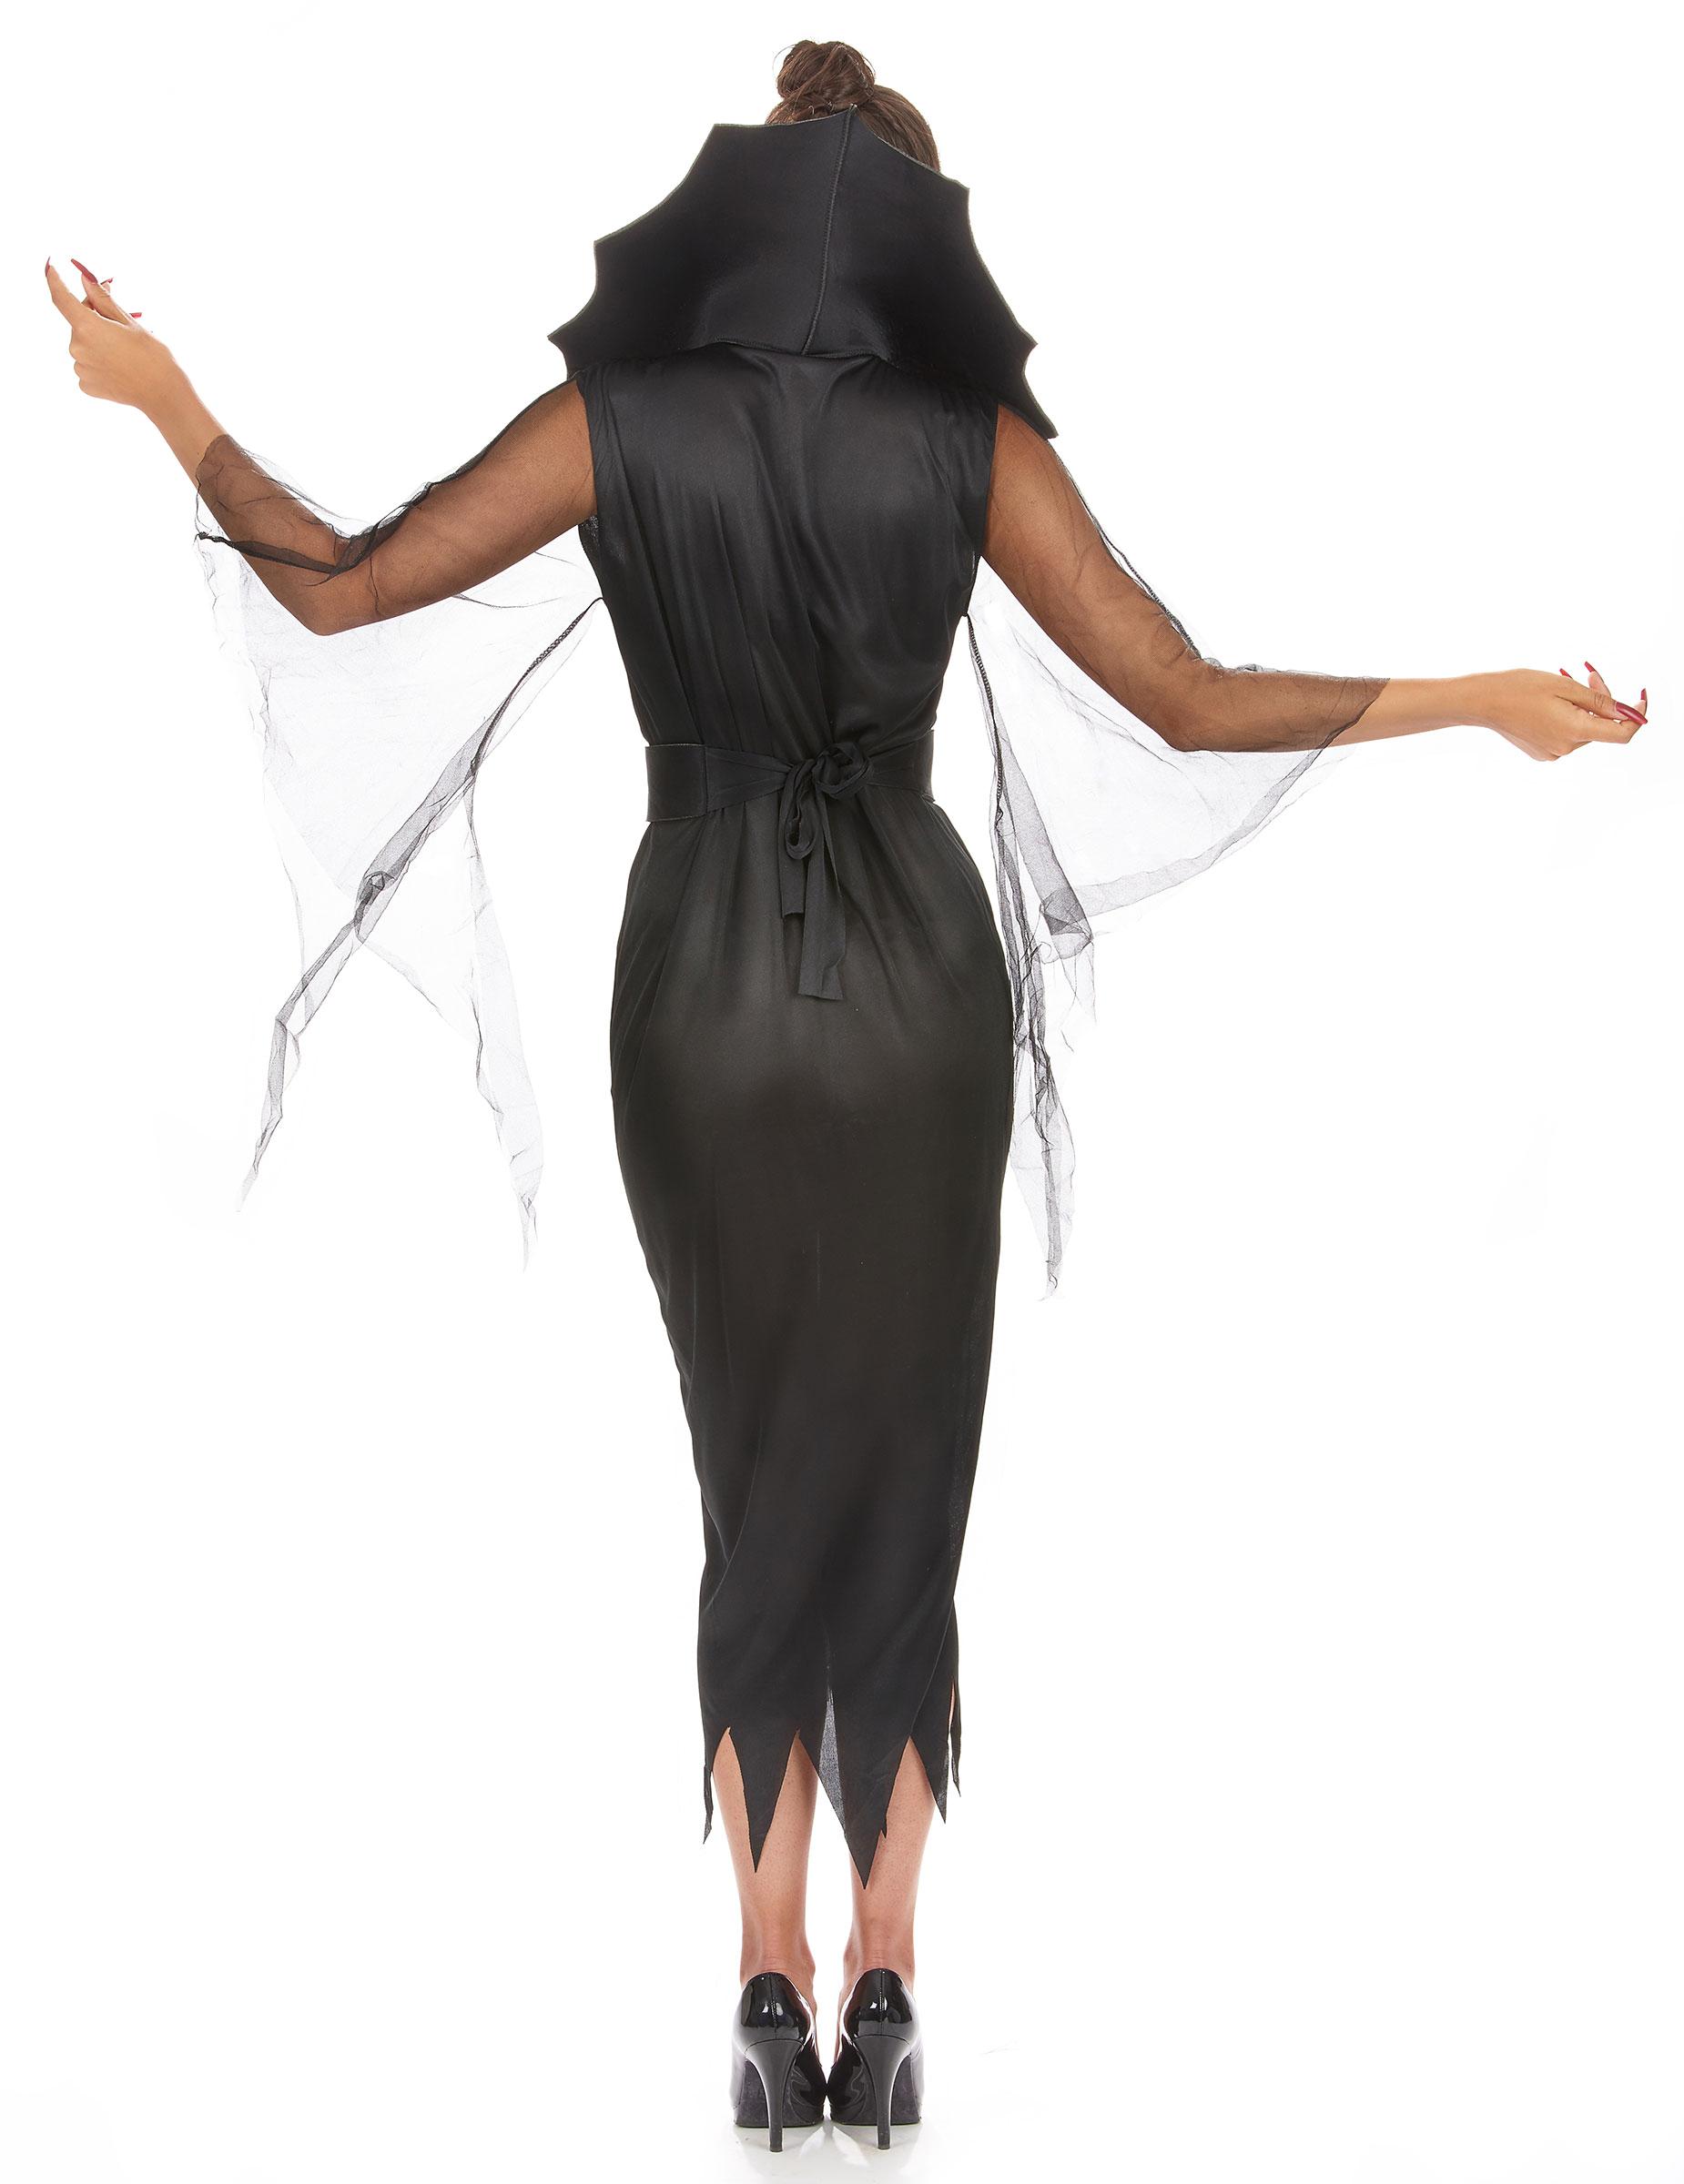 D guisement araign e femme halloween achat de d guisements adultes sur vegaoopro grossiste en - Deguisement femme halloween ...